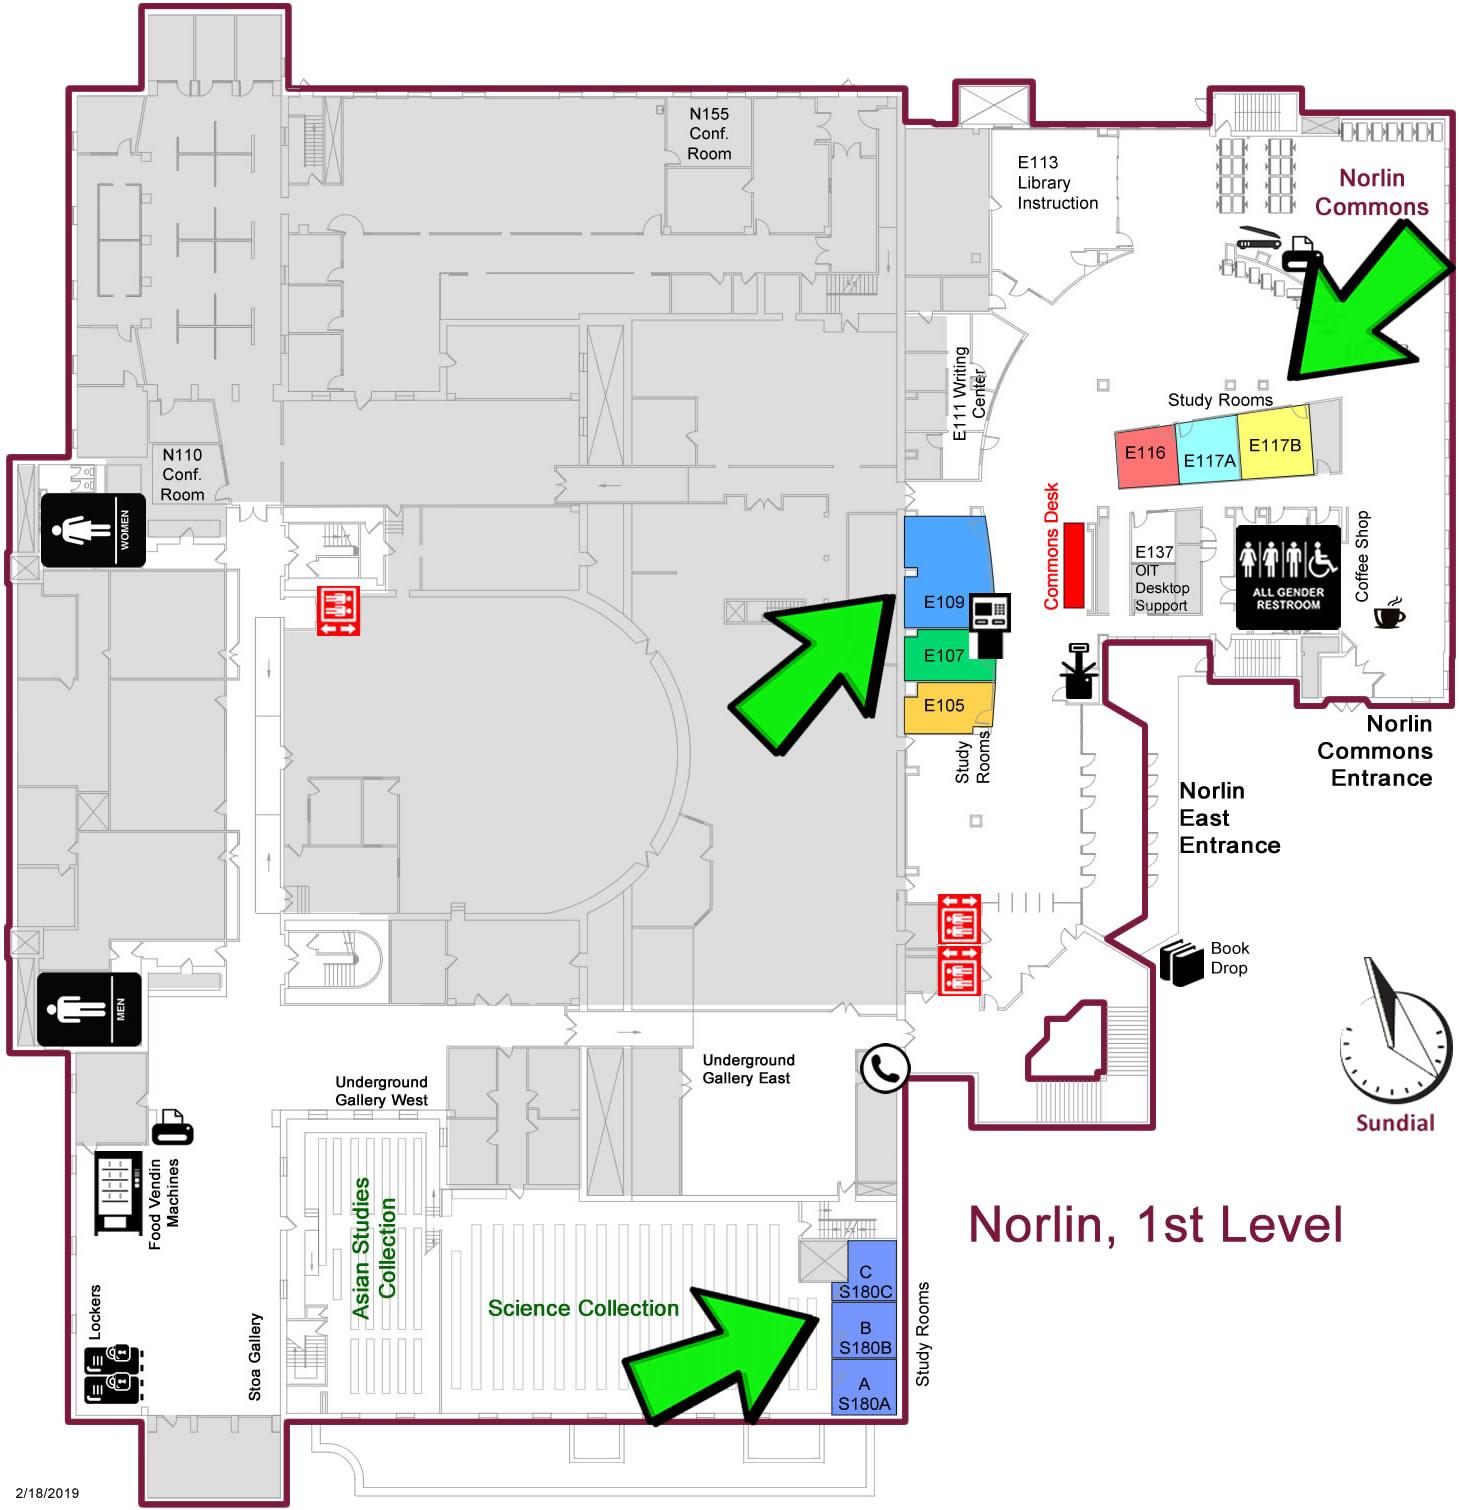 Norlin 1st floor study rooms